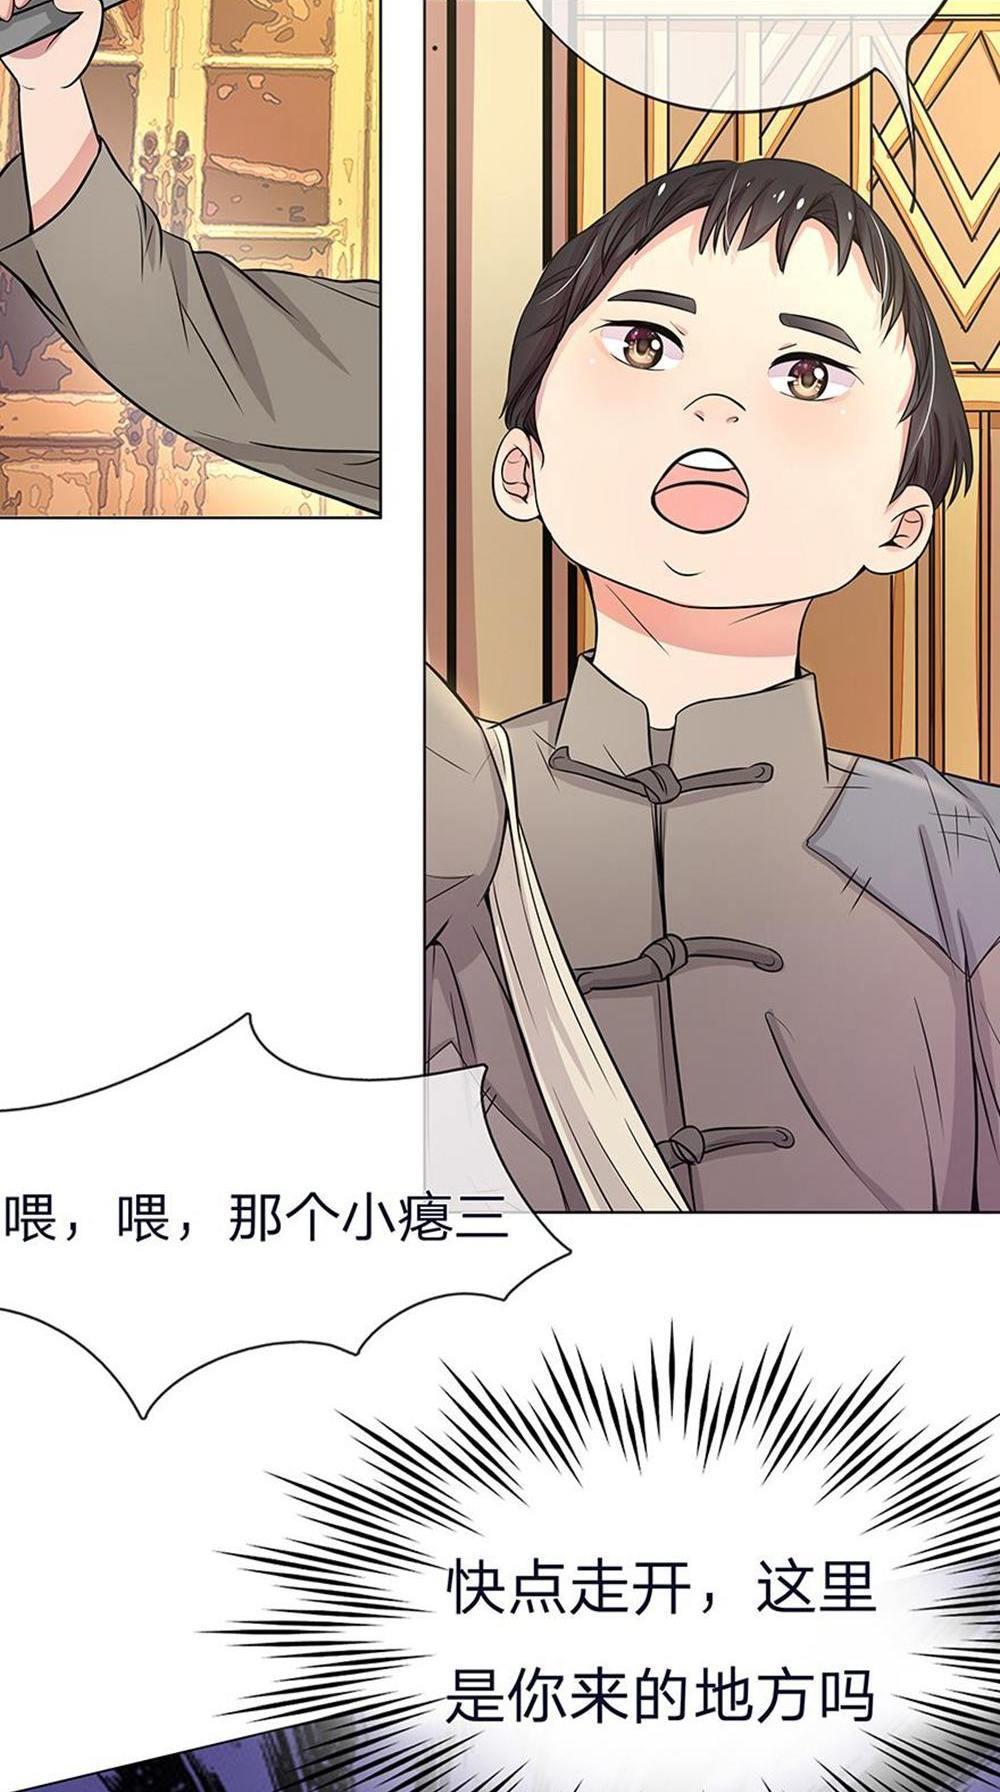 【免费漫画】废柴少女穿越古代做上走阴使,身边跟着一个俊俏鬼大人